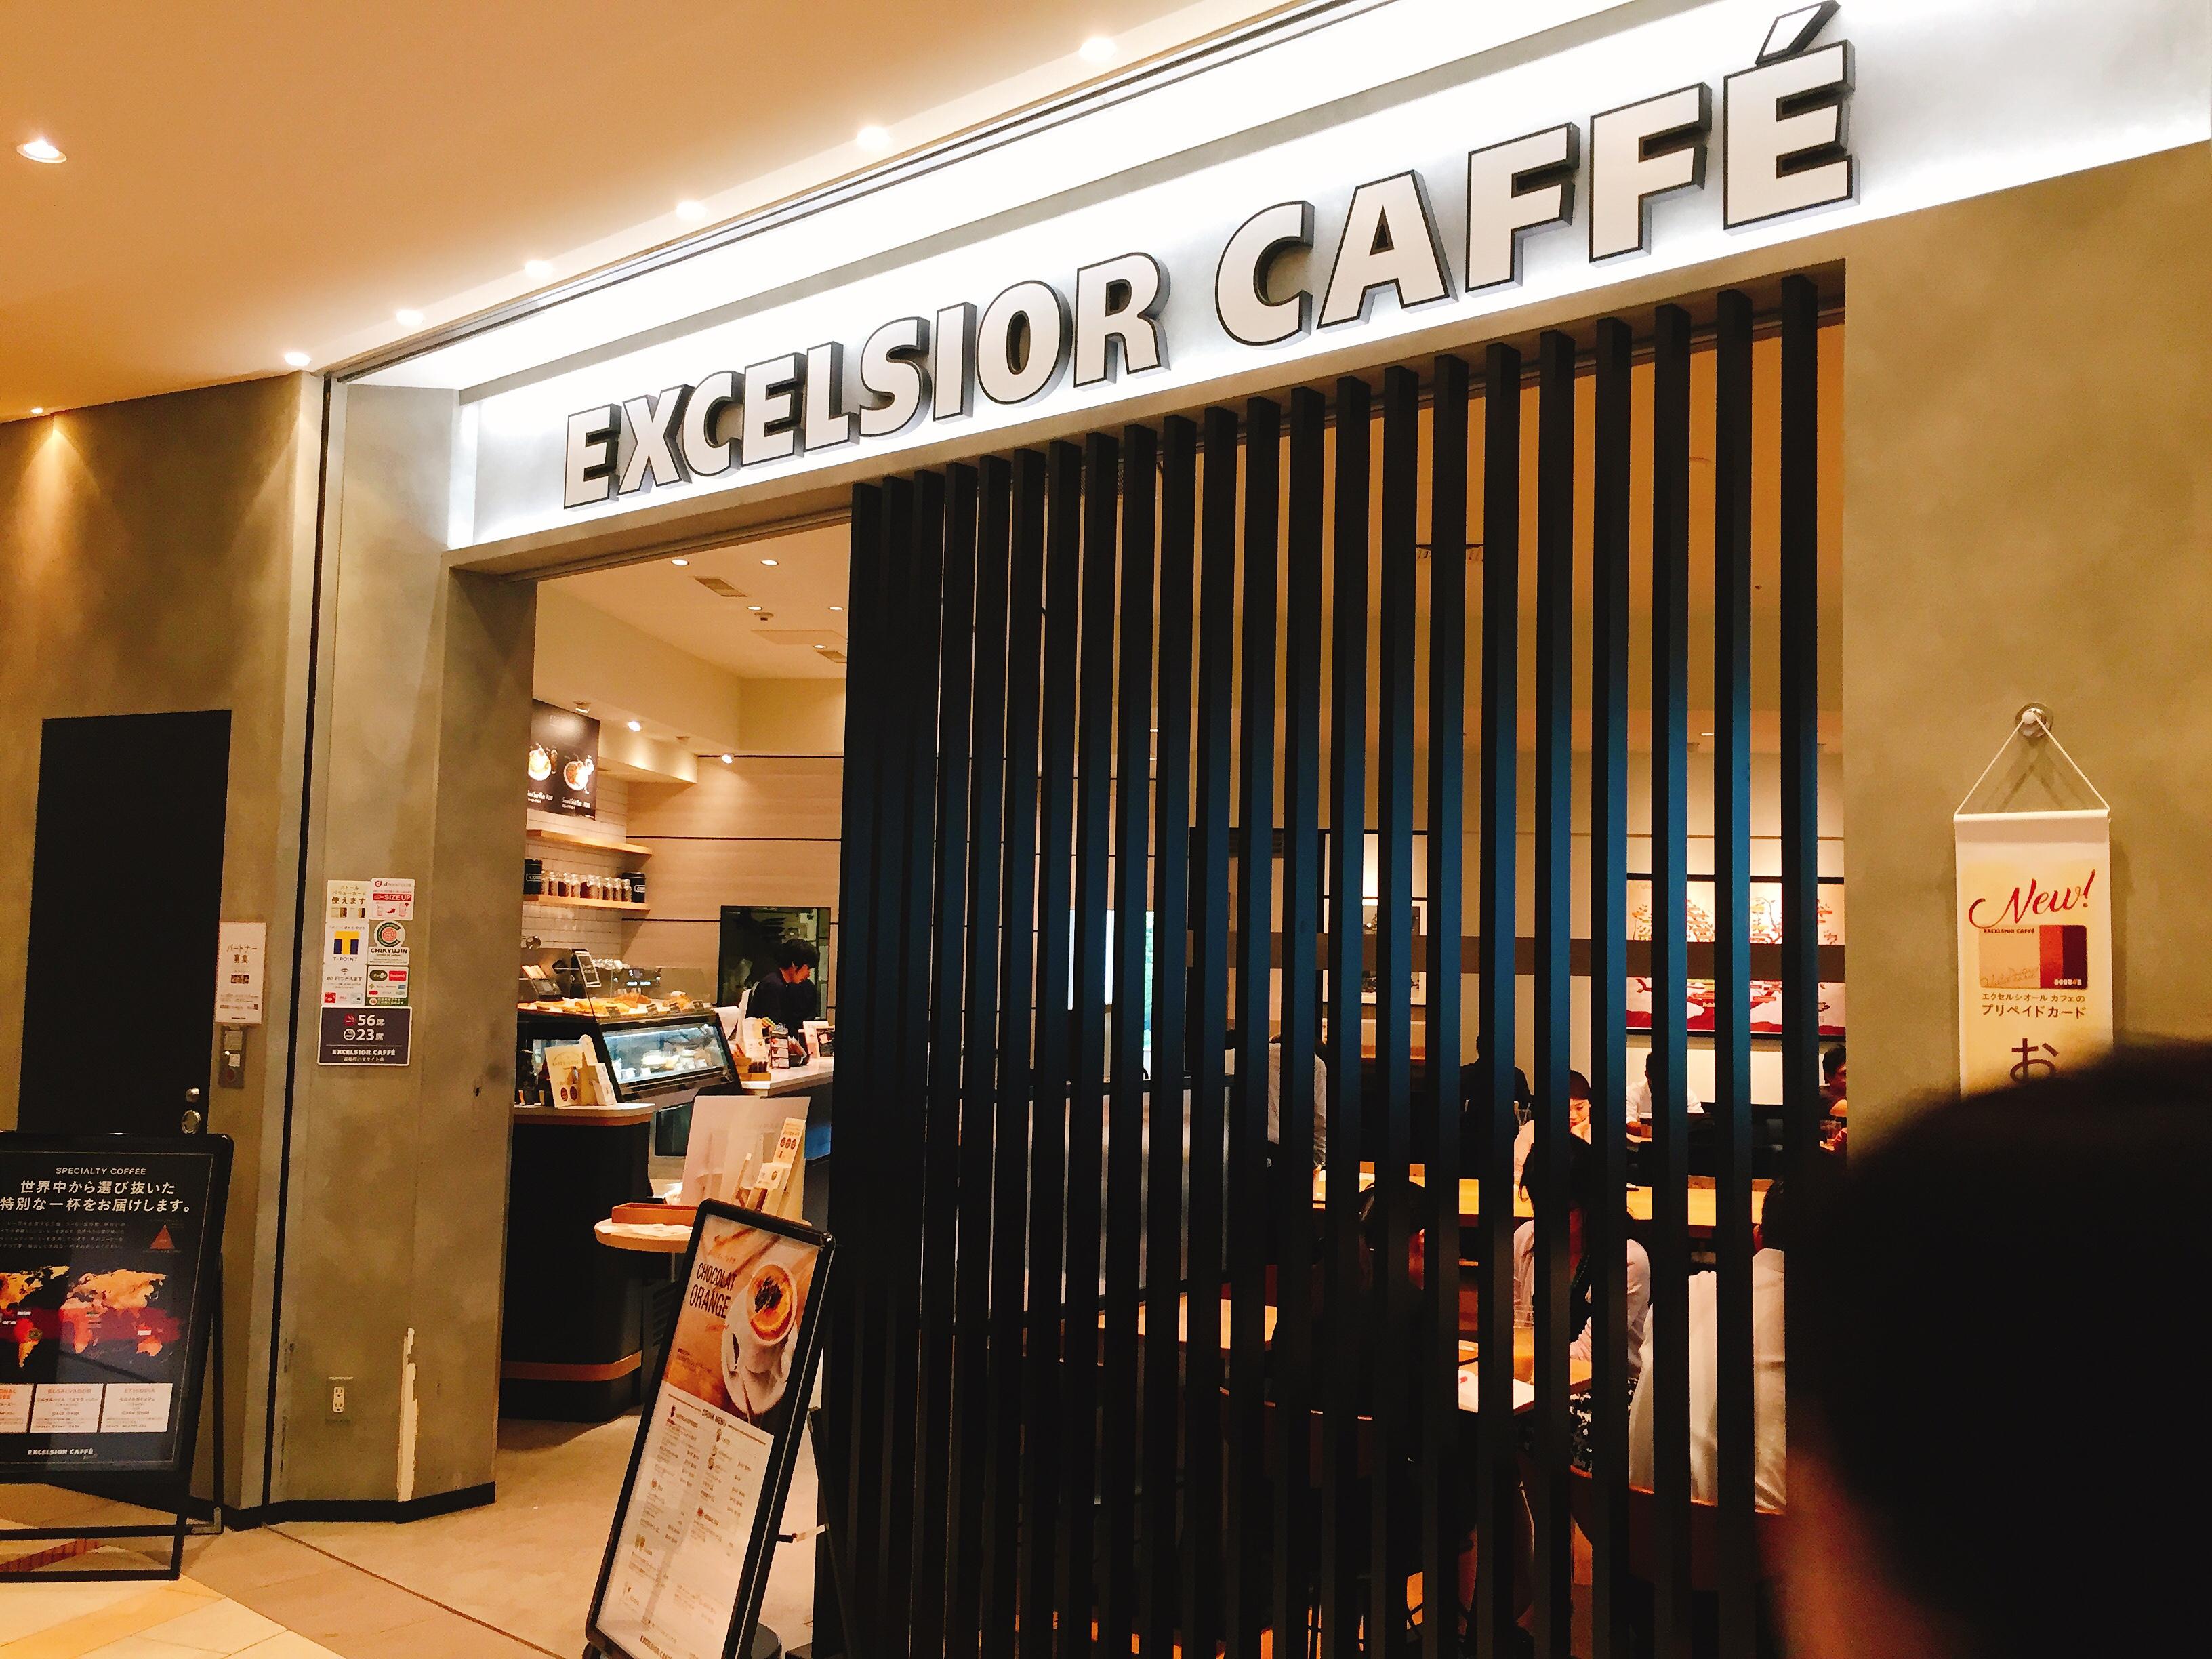 浜松町駅北口 電源カフェ エクセルシオールカフェバリスタ 浜松町ハマサイト店 Wi-Fi